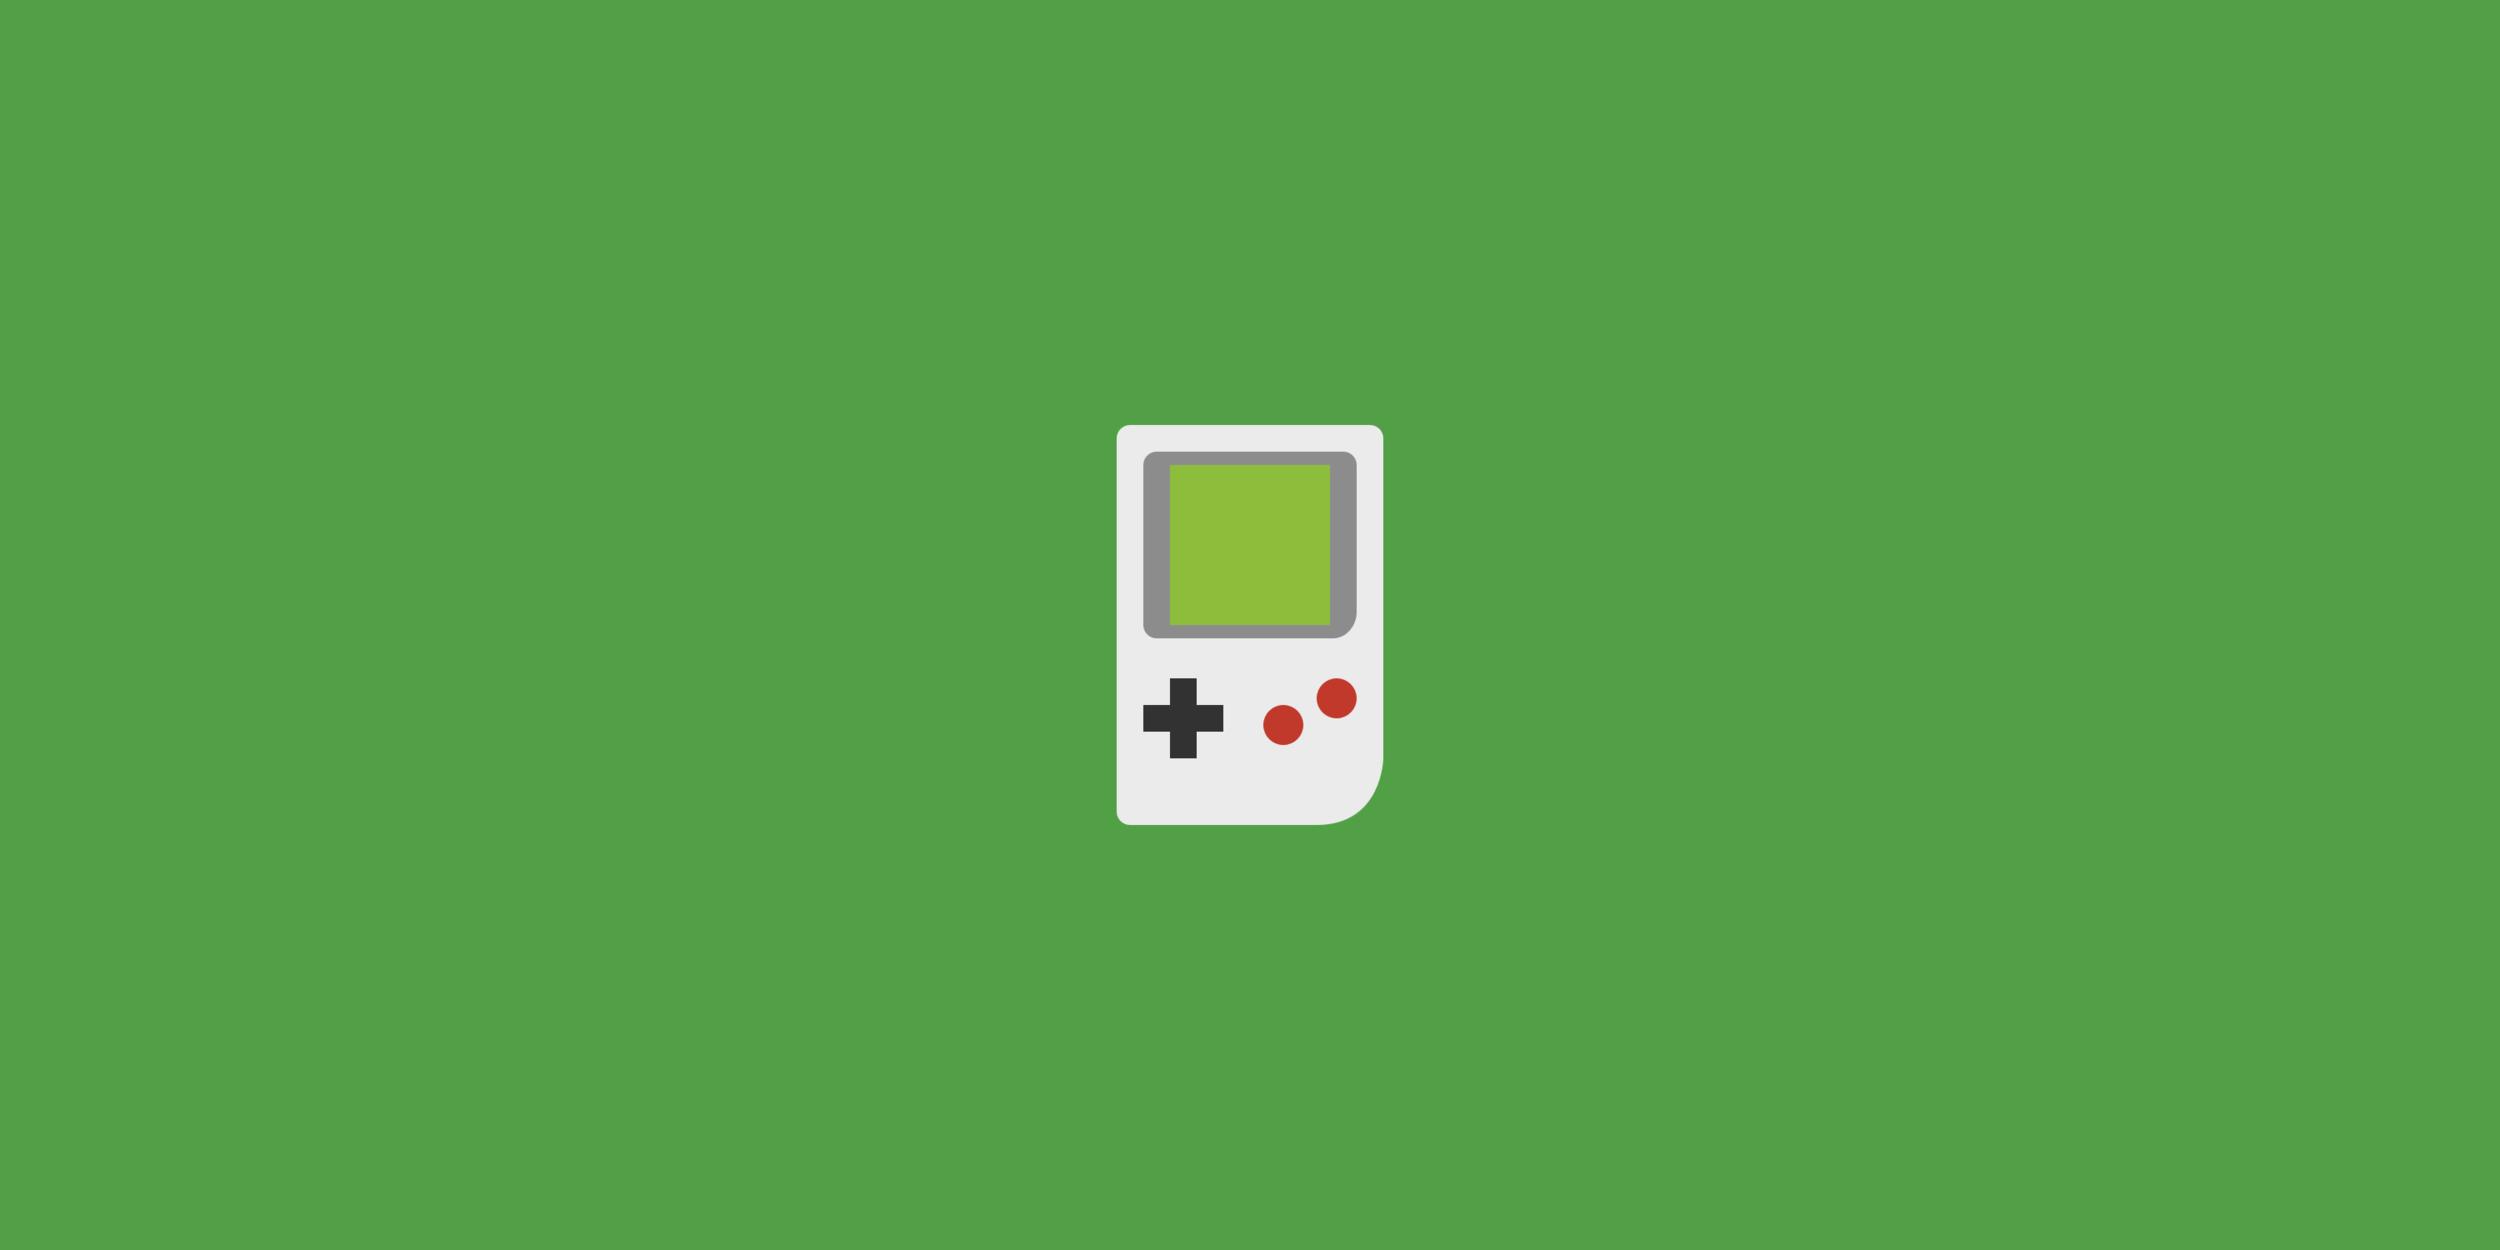 Game Boy Icon